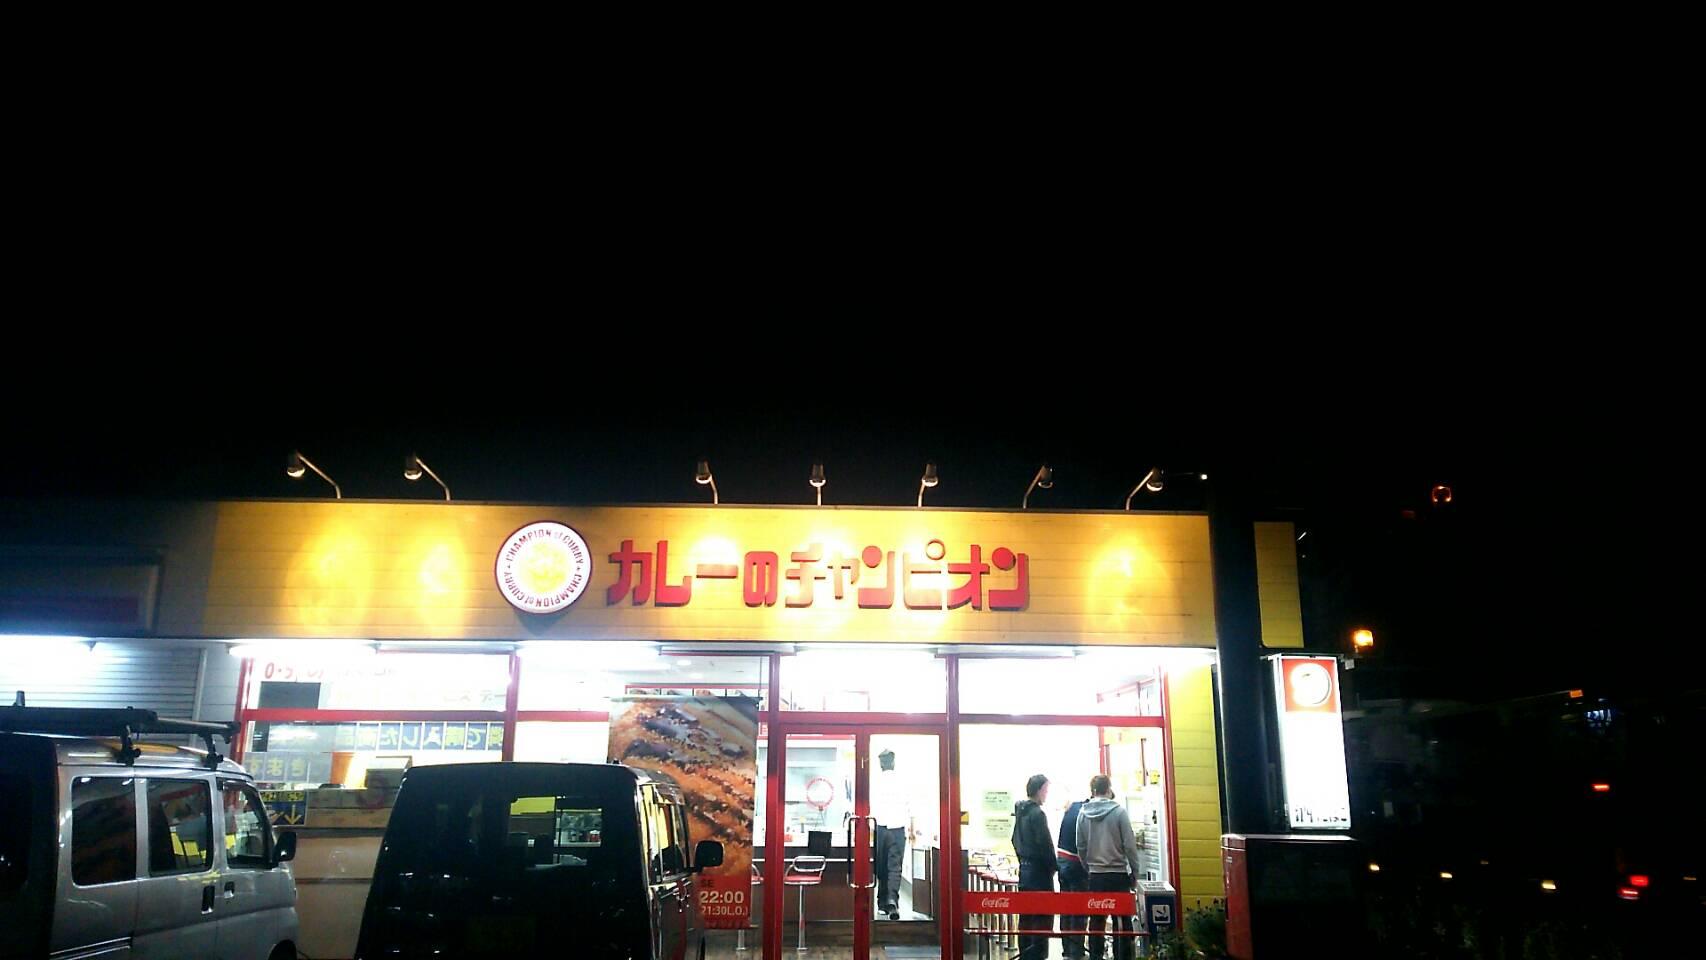 【レビュー】名古屋市南区 カレーのチャンピオン 星崎店に行ってきた